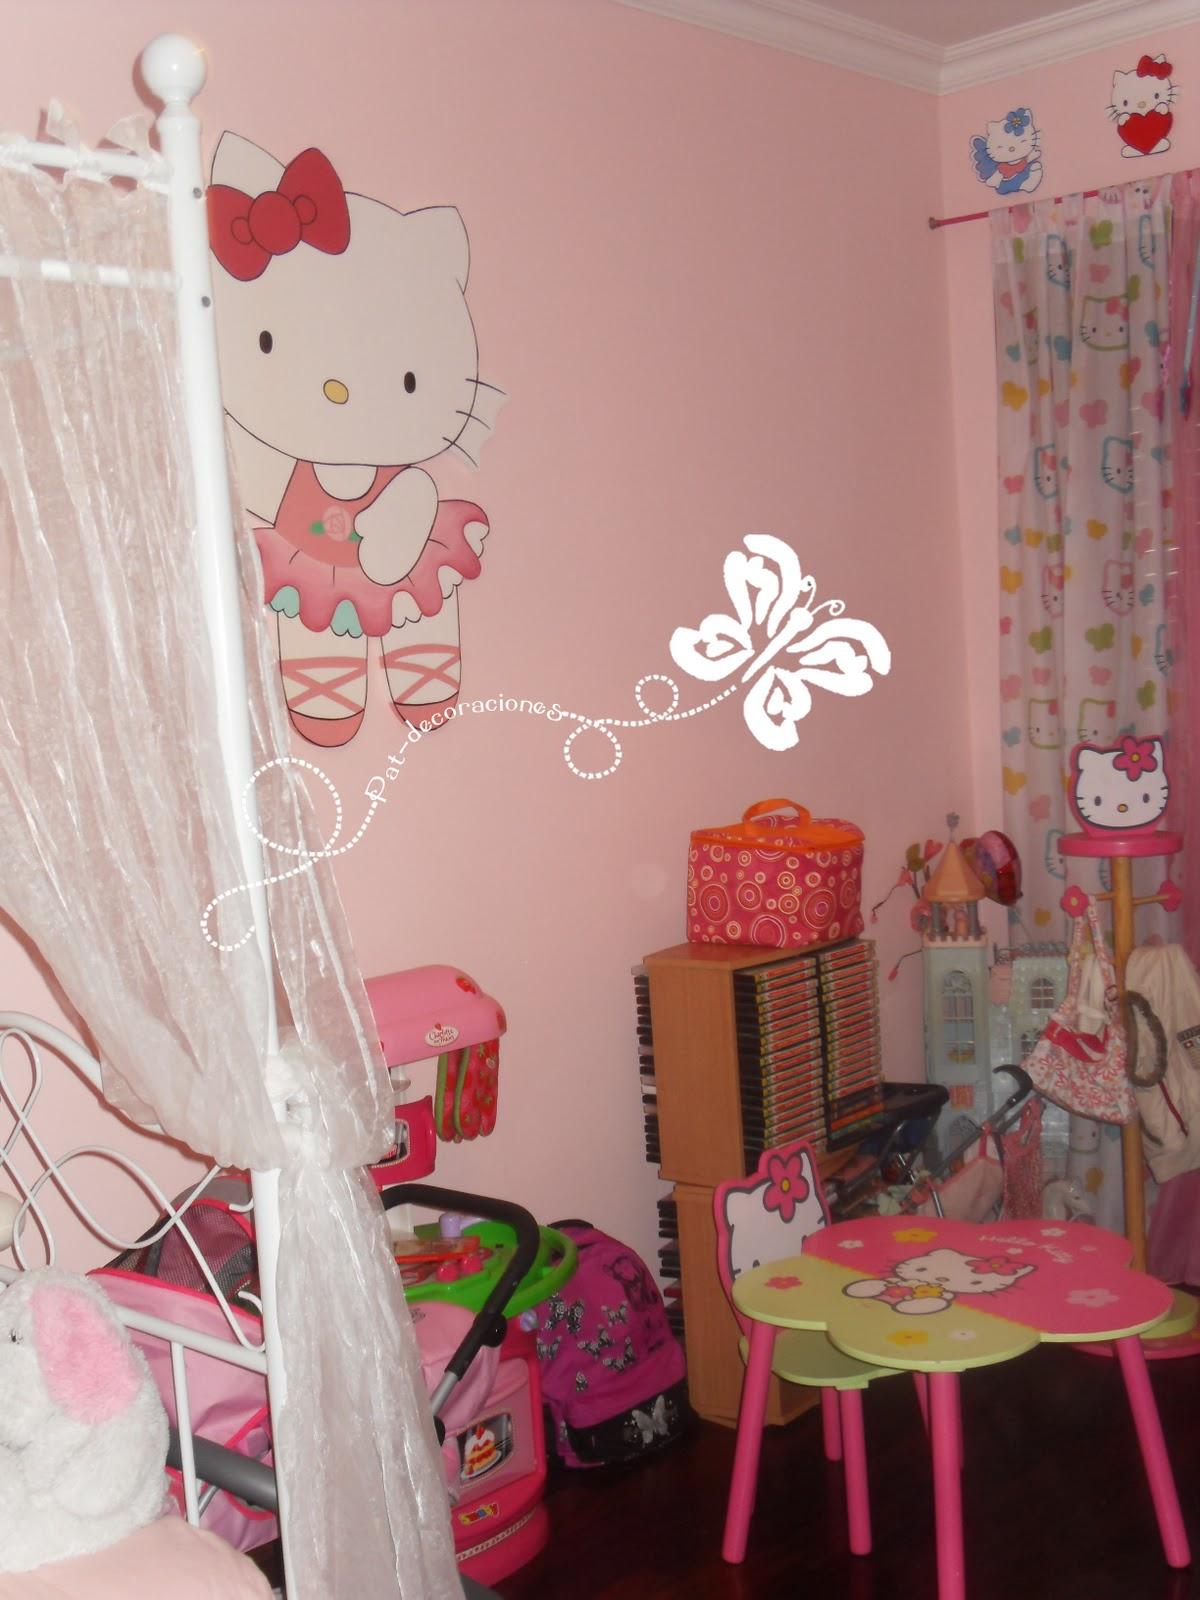 Pat decoraciones decoraci n de habitaciones for Decoraciones sencillas para habitaciones